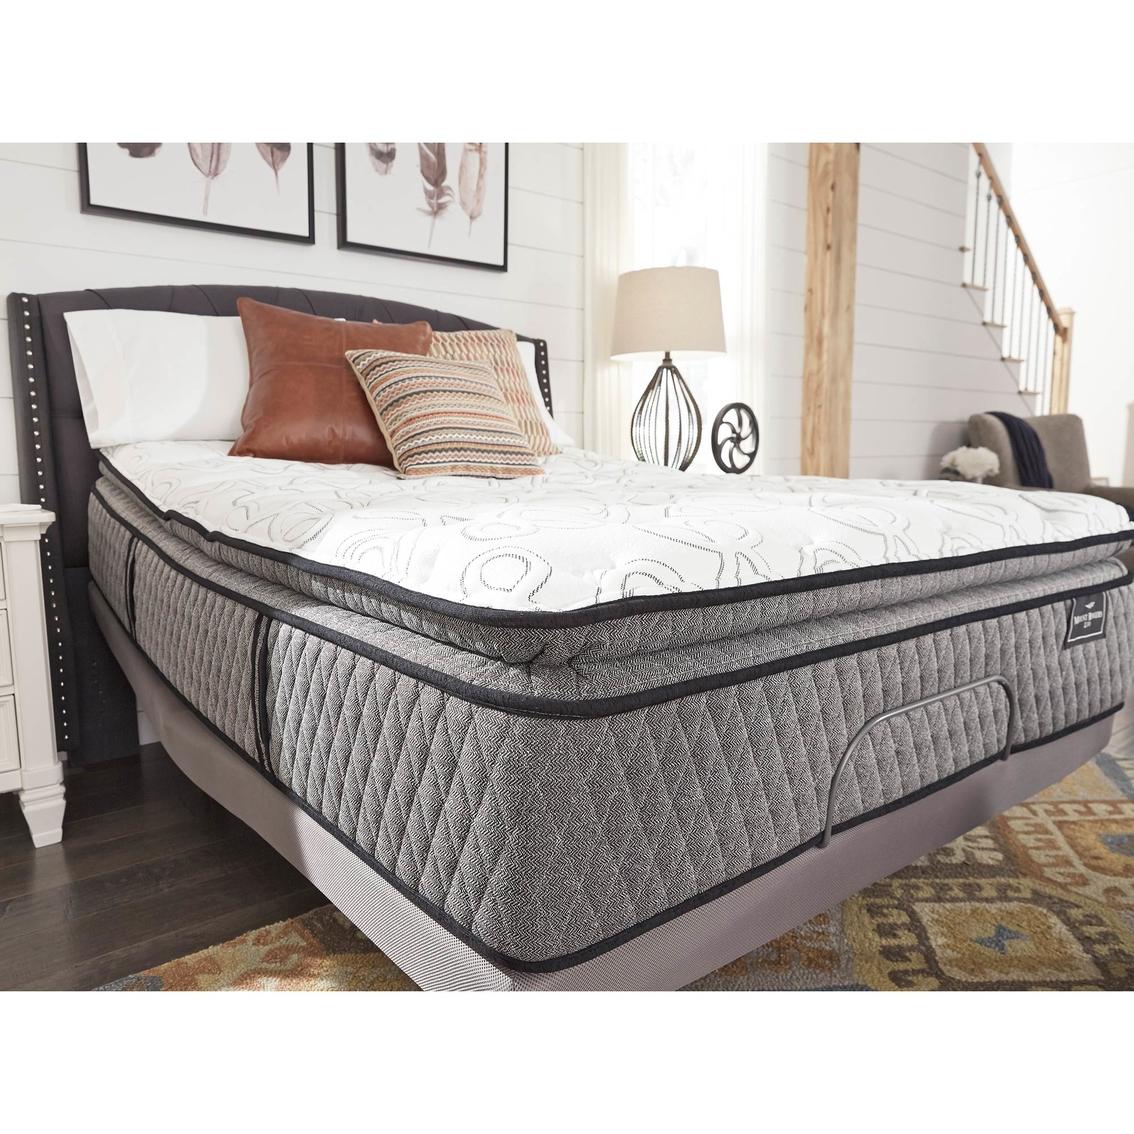 Sierra Sleep Mt Rogers Pillow Top Plush Mattress And